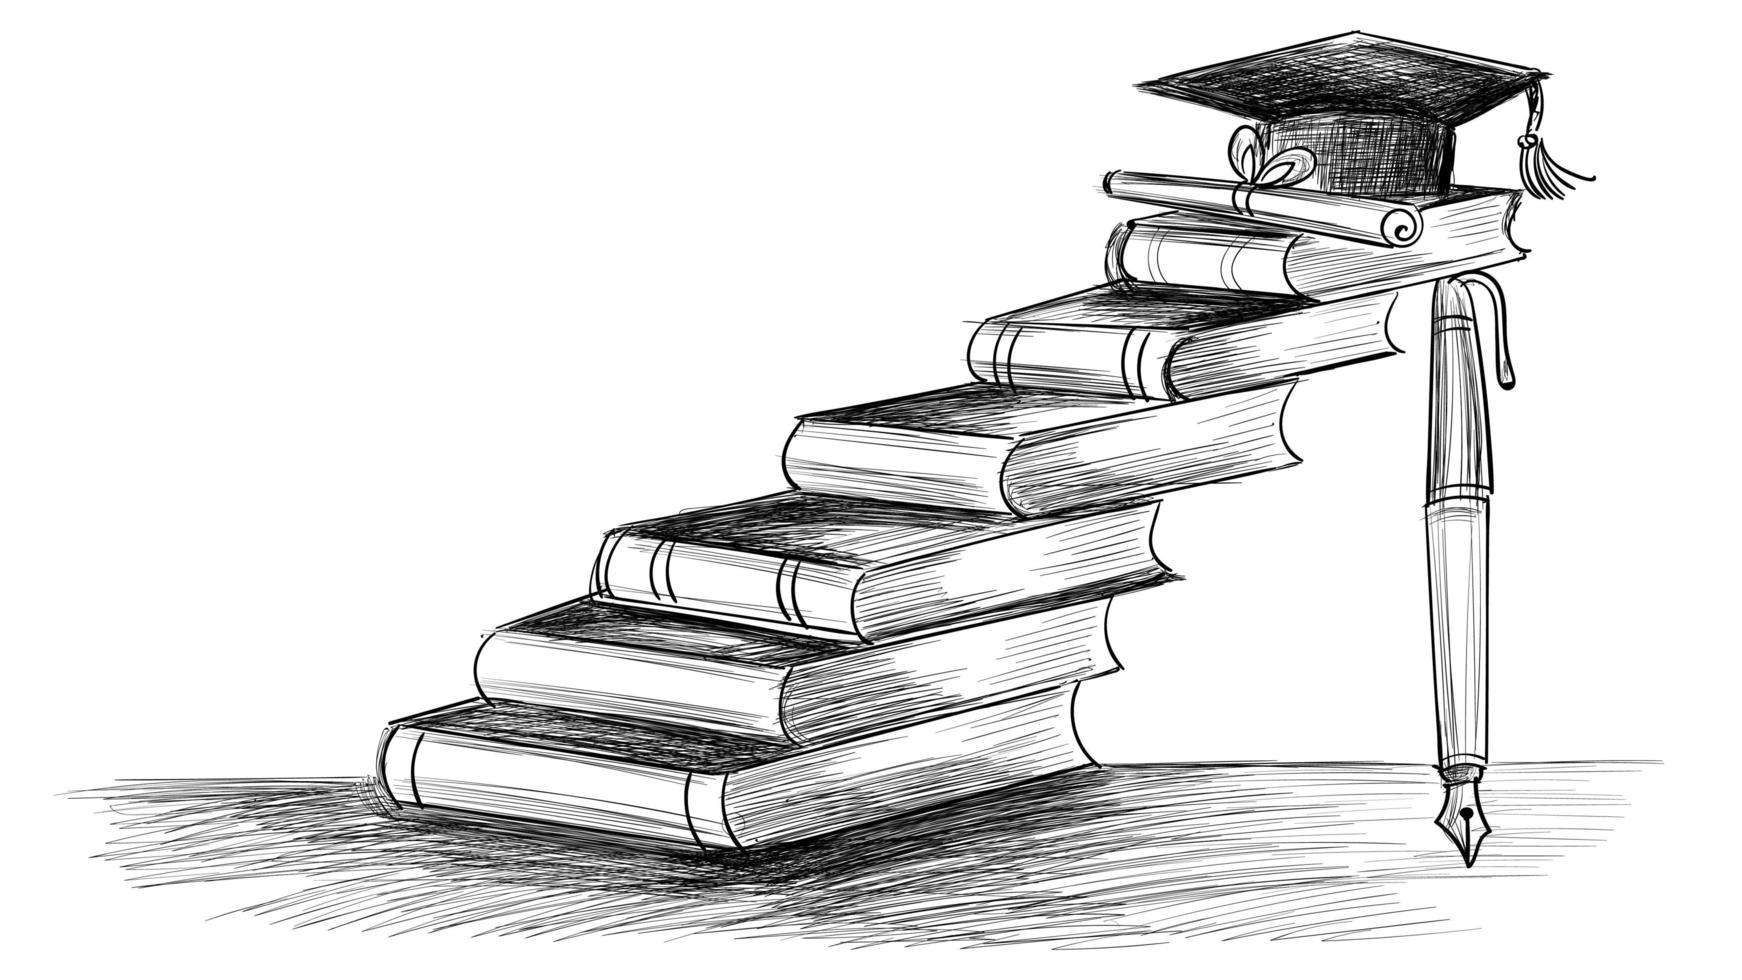 croquis de livres éducatifs dessinés à la main créatifs vecteur